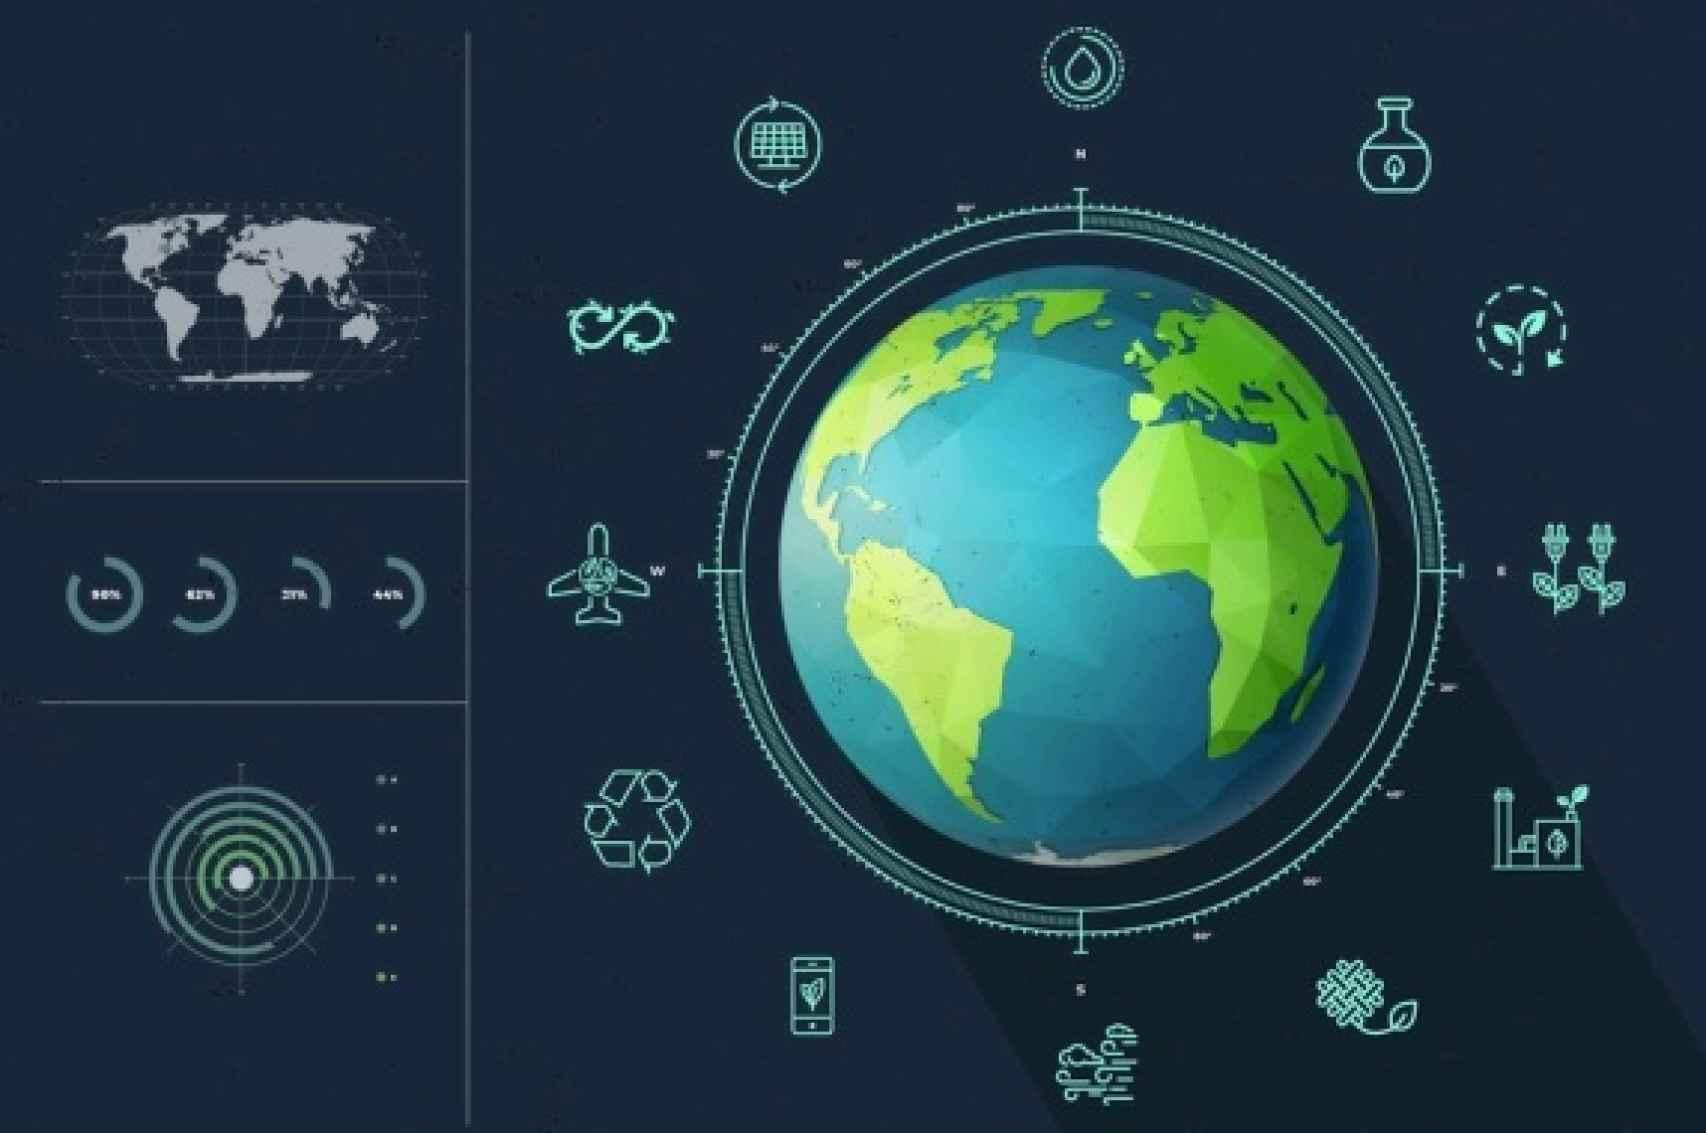 Infografía del grupo de trabajo convocado por el Consorcio de Sostenibilidad y Clima del MIT.